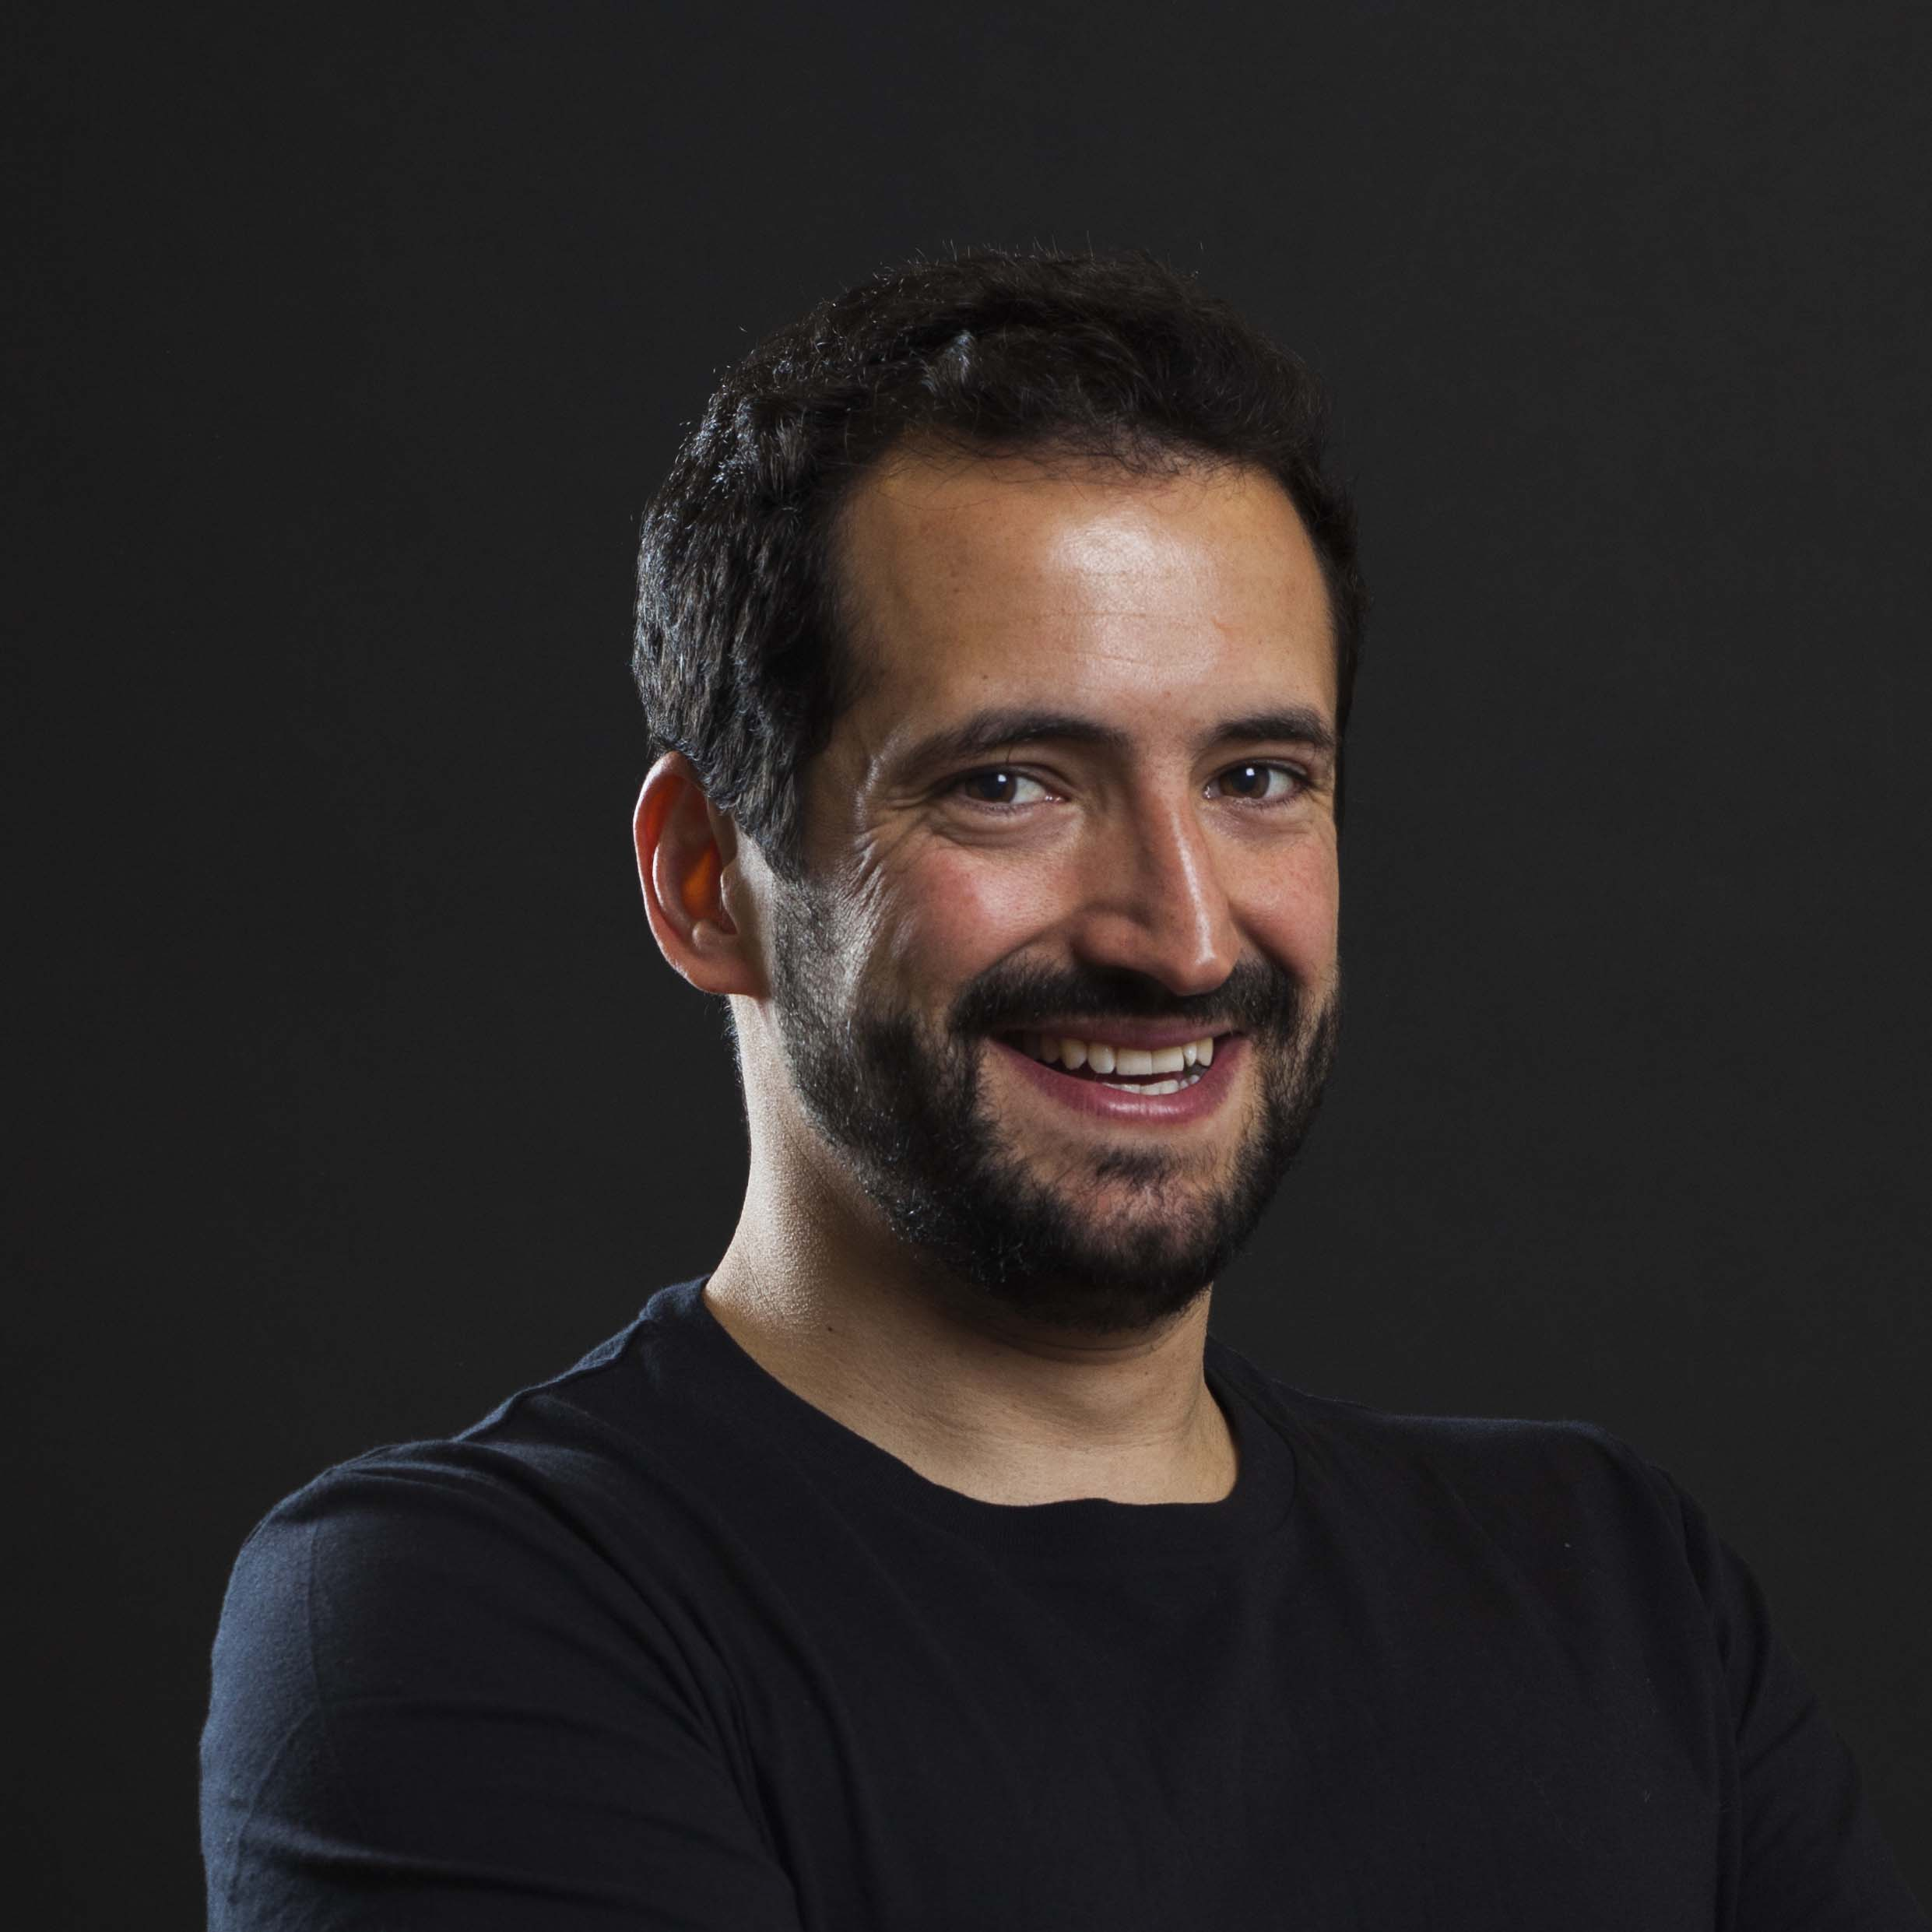 Jaime Moreno